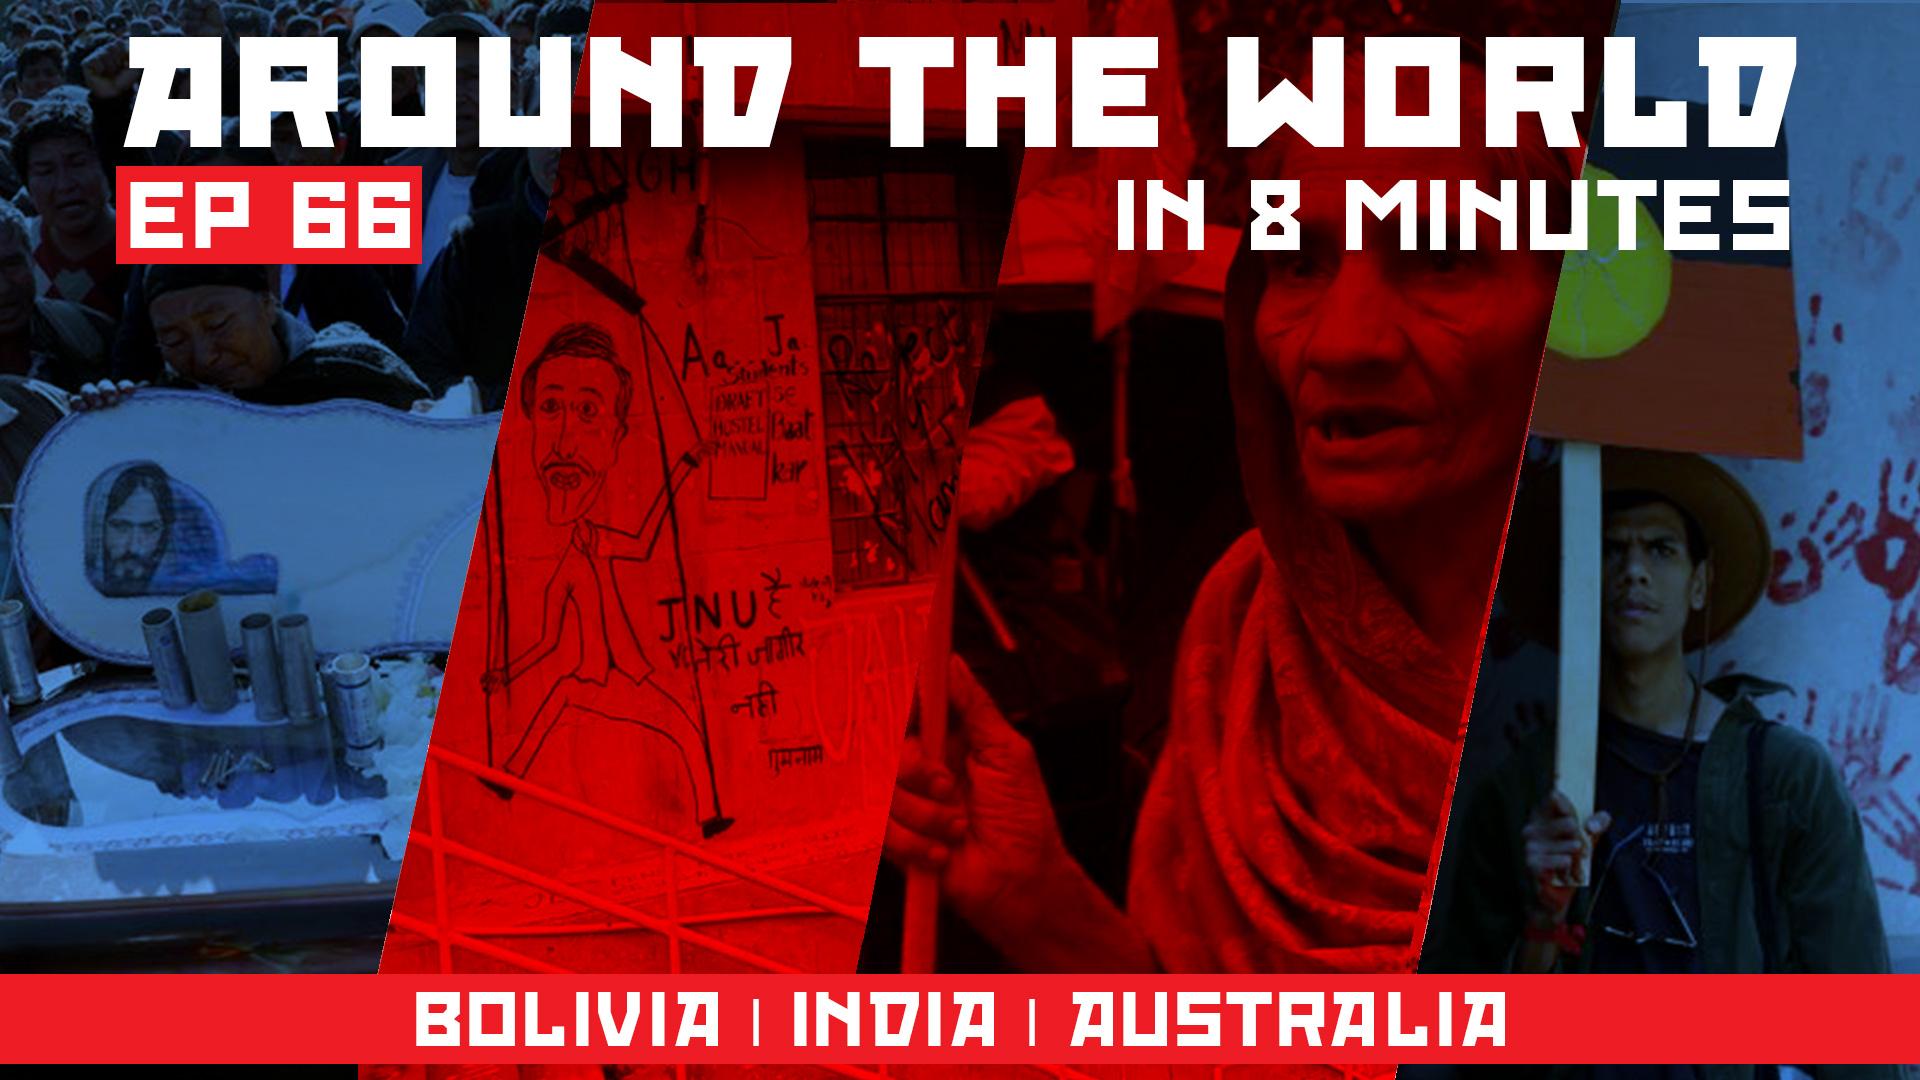 ATW 66 Bolivia massacre, JNU #FeesMustFall, Vendors day march_Kumanjayi Walker